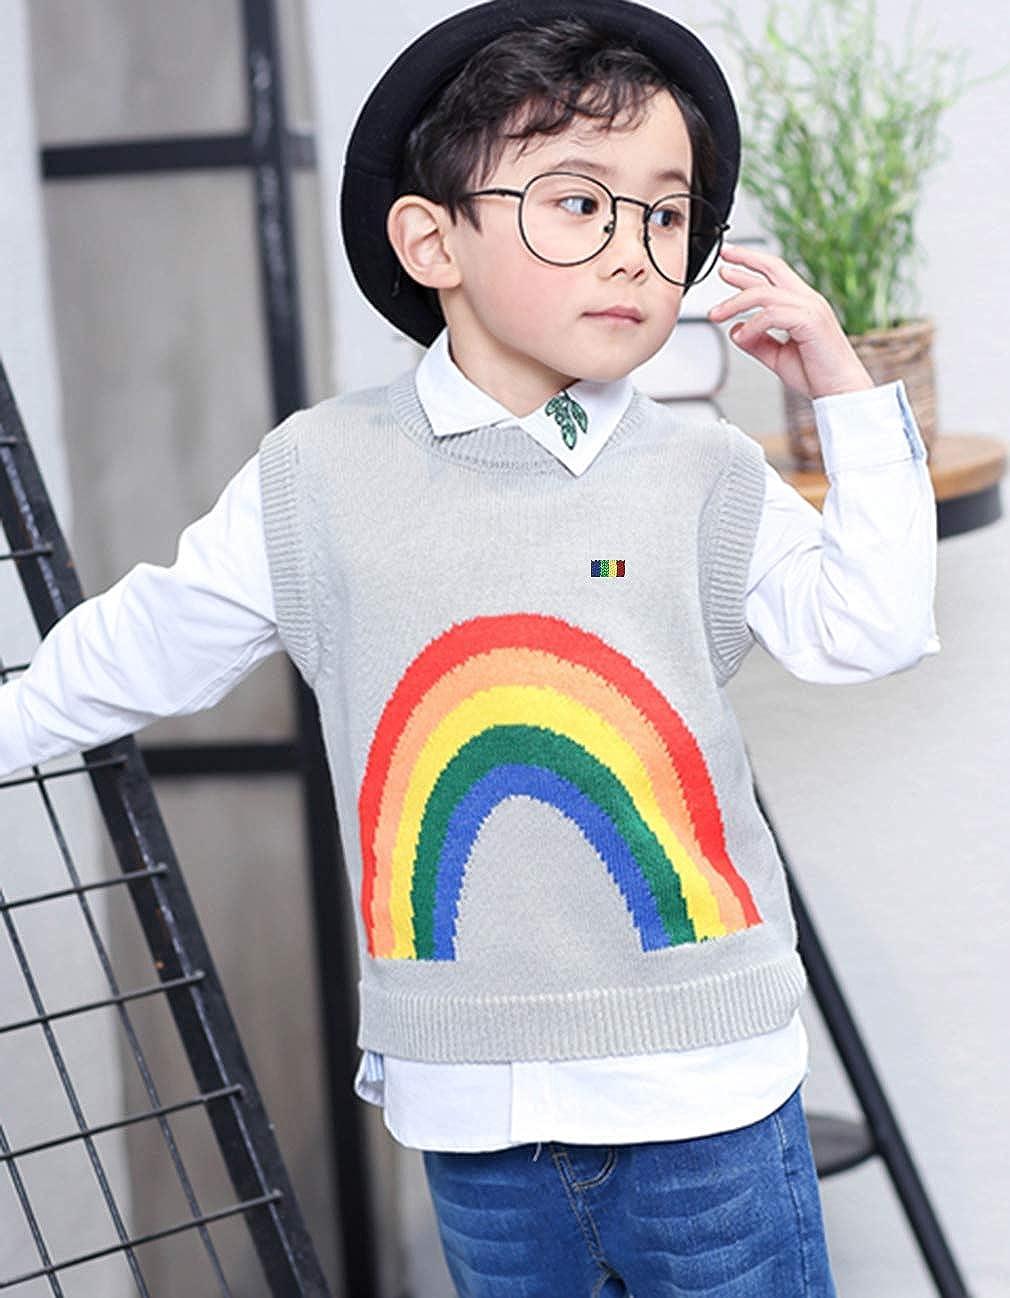 EOZY Kinder Jungen Rundhals Strickweste Pullover Regenbogen Weste Top